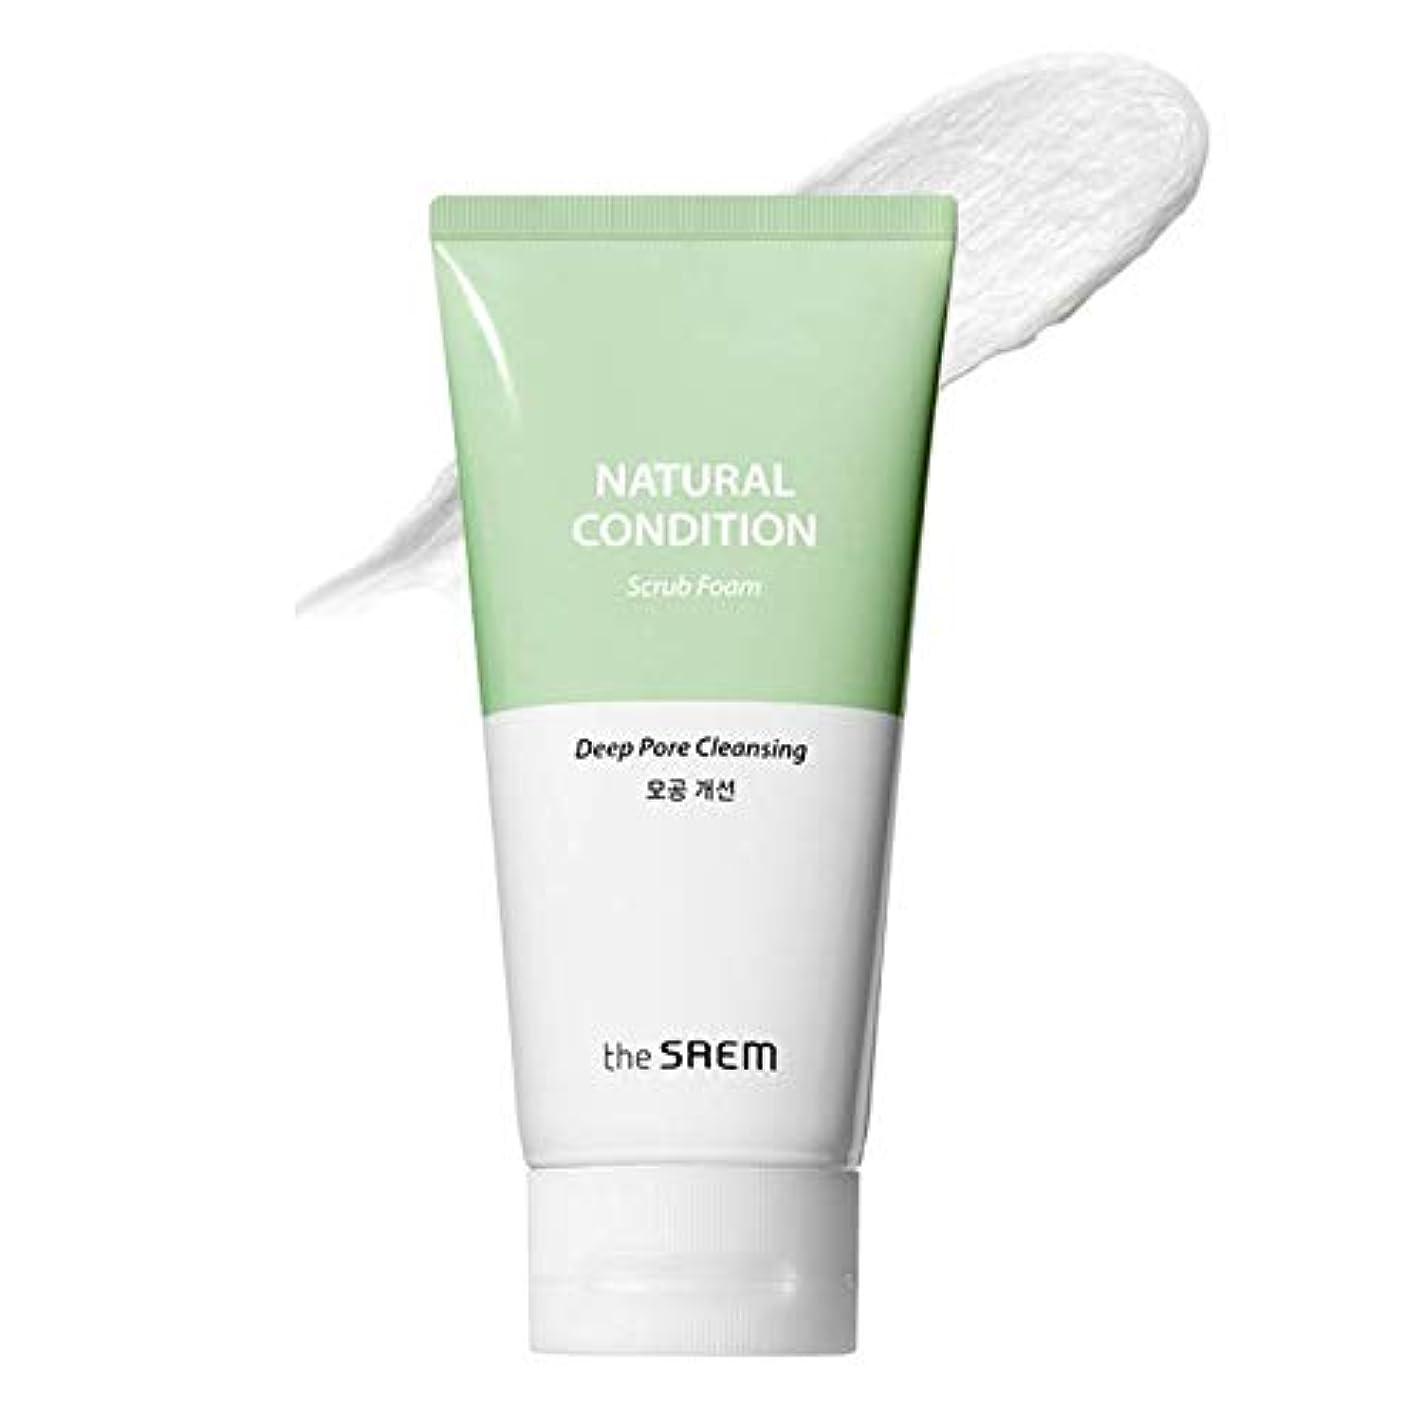 歌う肯定的まつげThe Saem Natural Condition Scrub Foam [Deep pore cleansing] / ザセム ナチュラルコンディションスクラブフォーム[毛穴改善] [並行輸入品]